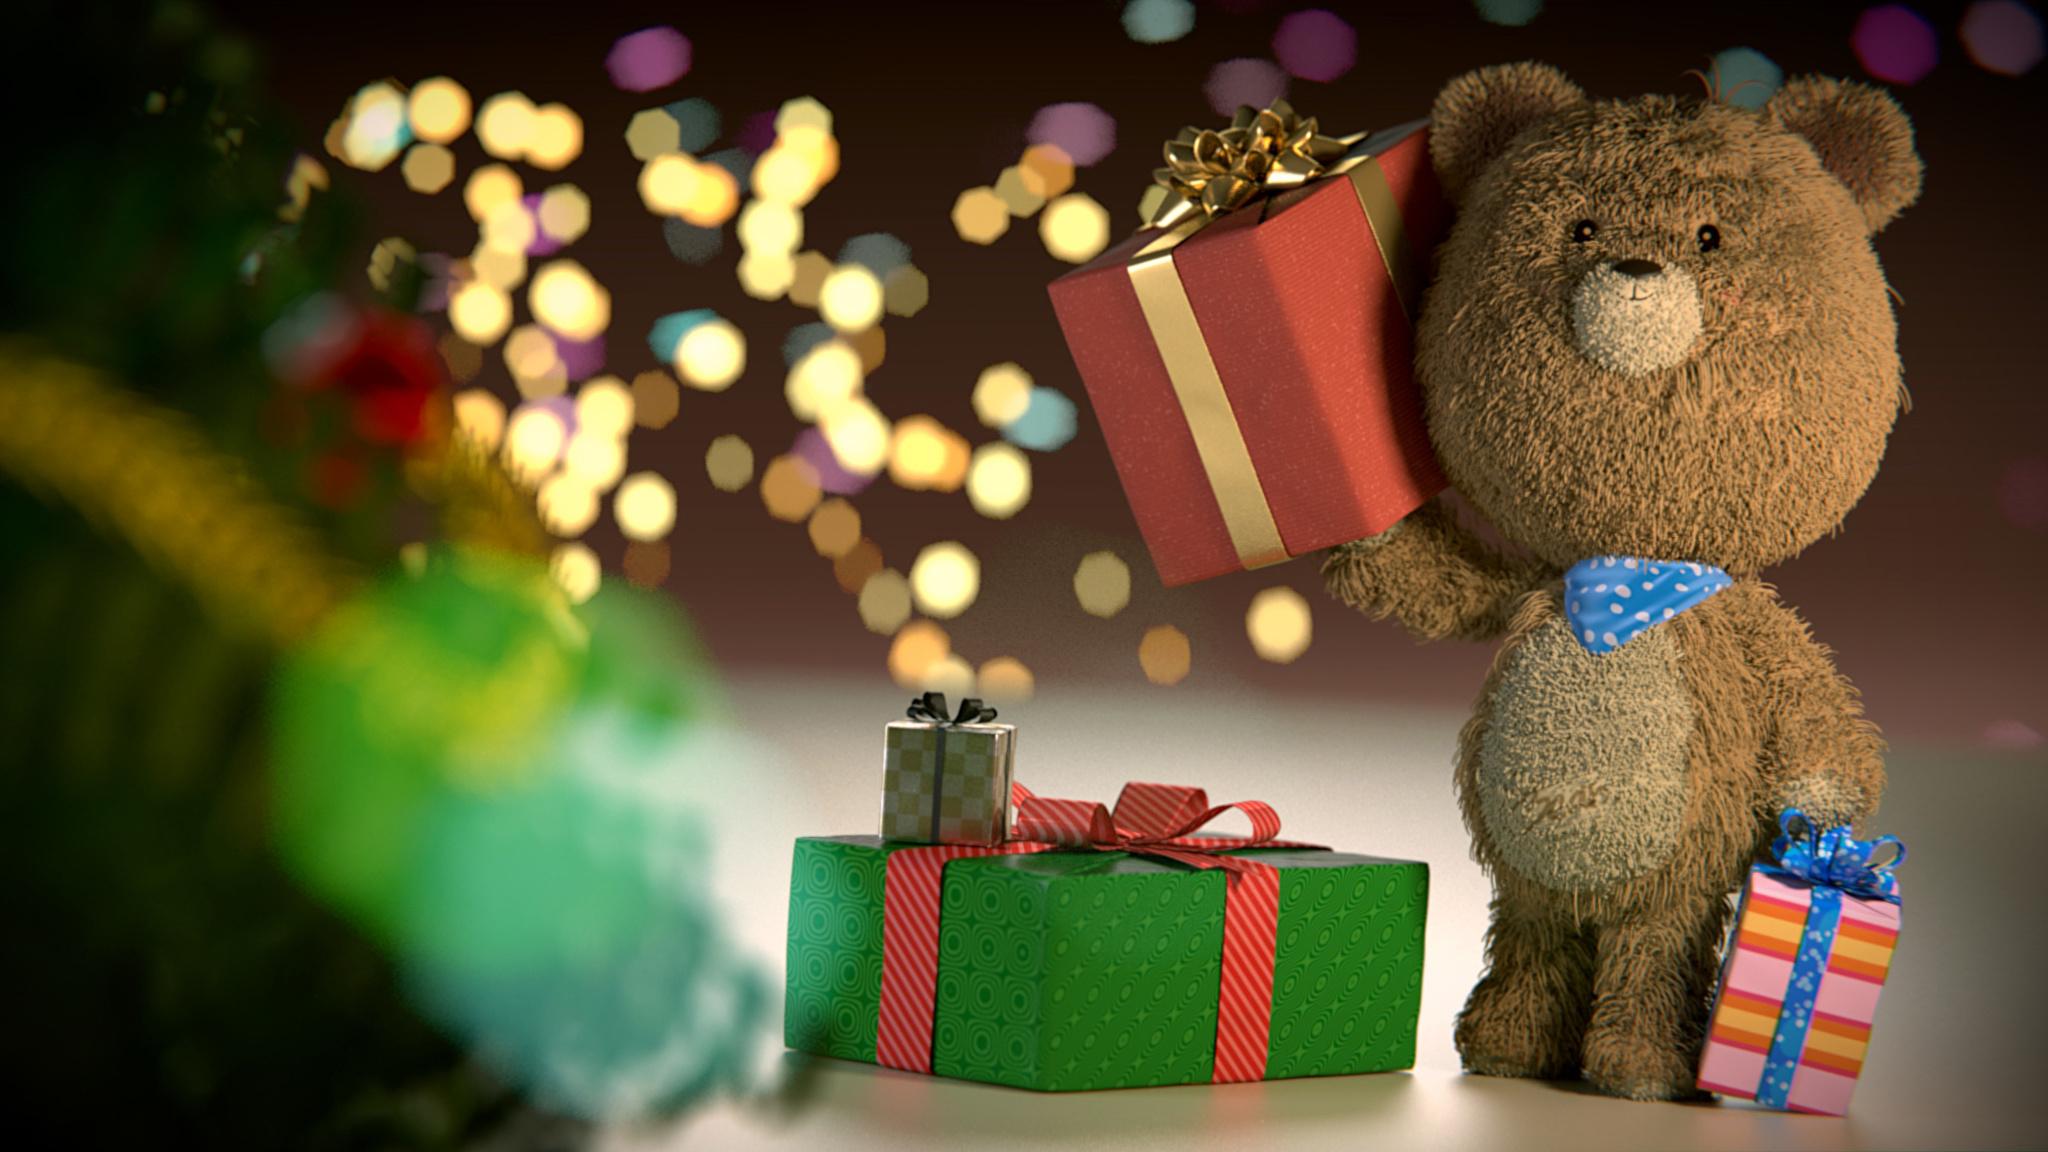 Фото мишки с подарком